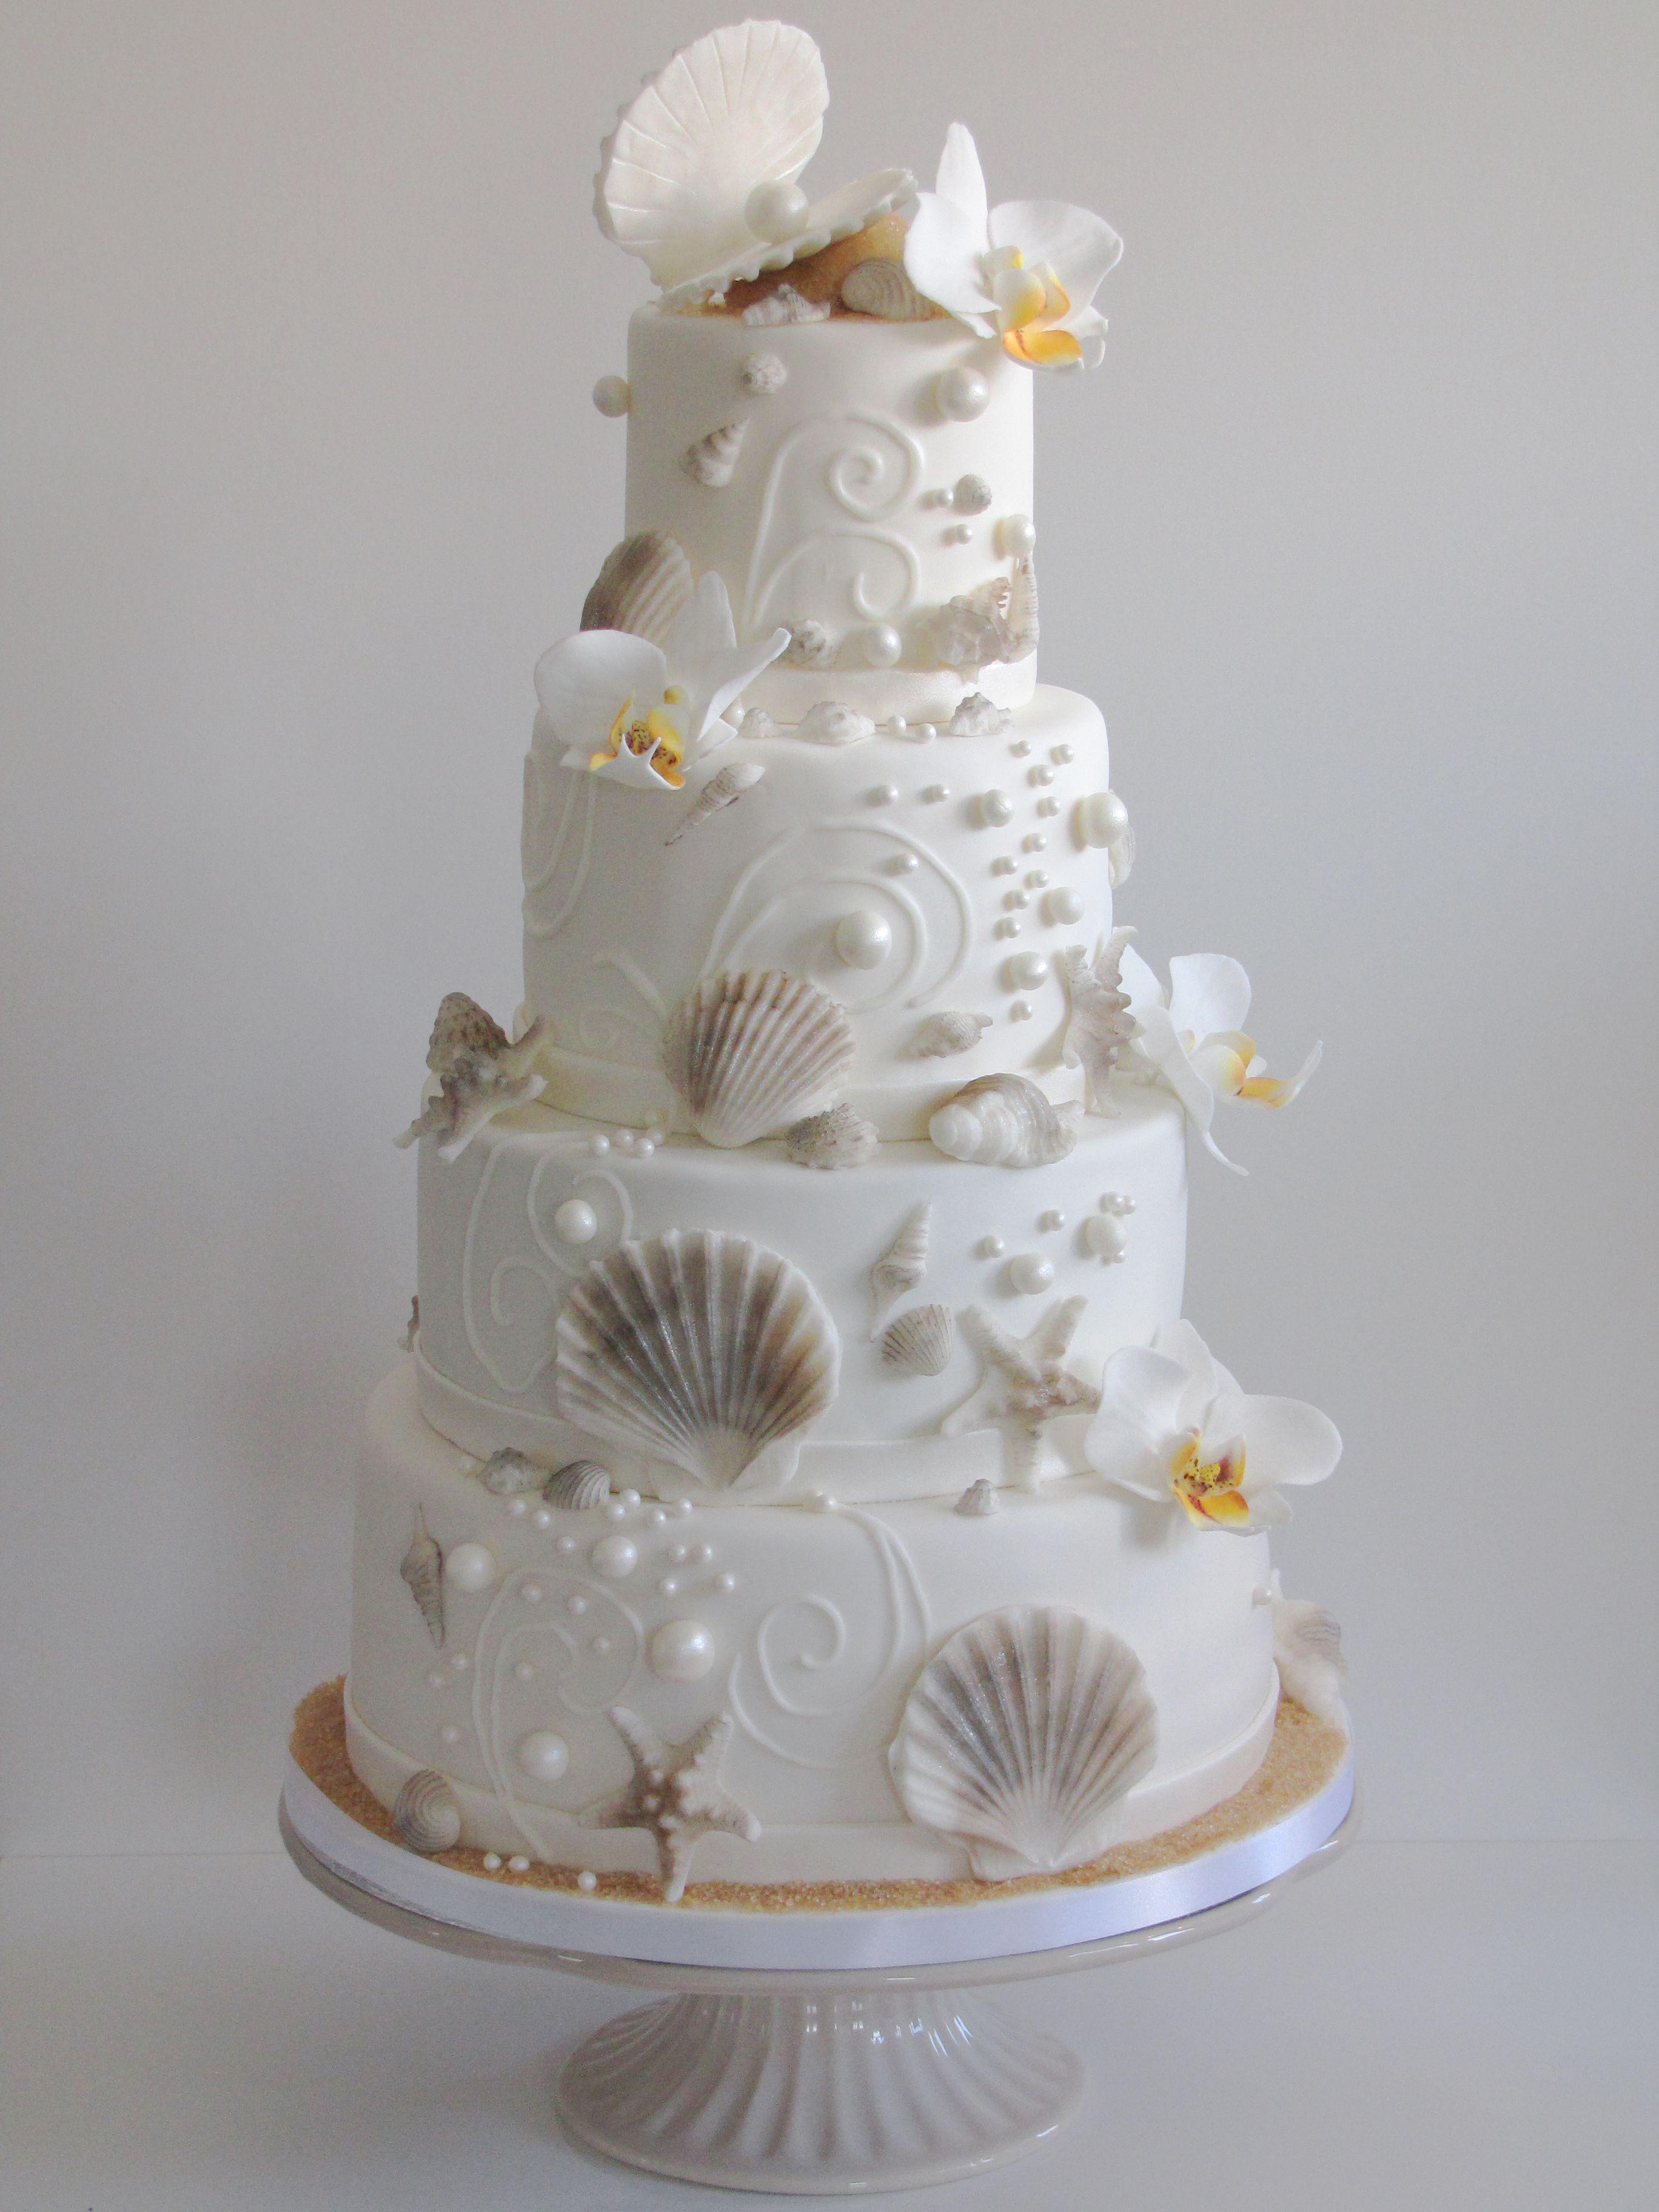 Hochzeitstorte maritim Muscheln Perlen Sand Meer  Lovely Cake Couture  Hochzeitstorte